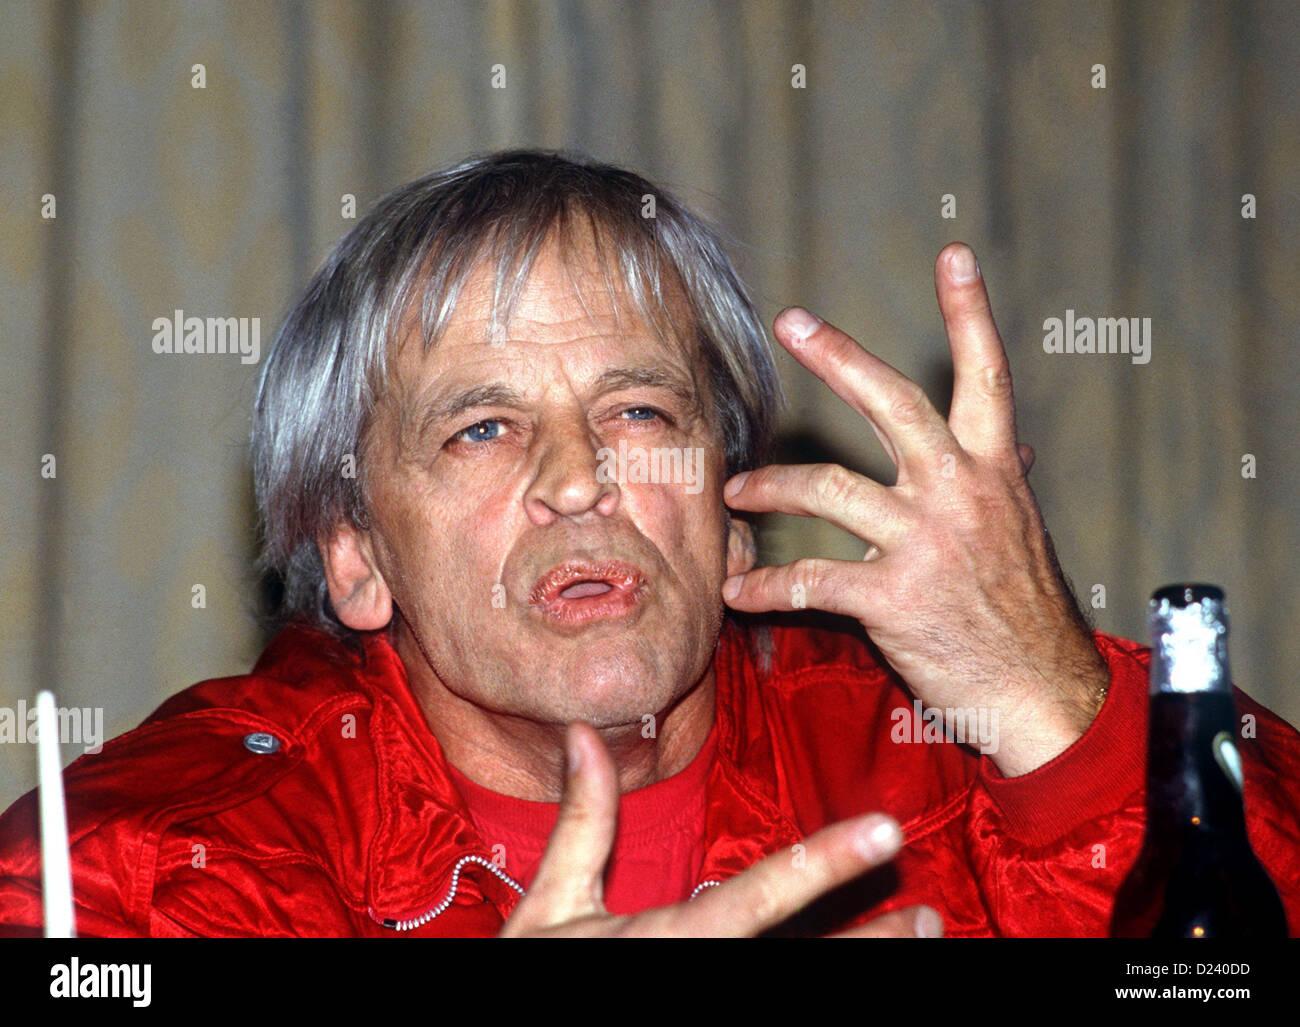 """Los archivos de datos (DPA) - El actor alemán Klaus Kinski habla sobre su película """"Kommando Leopard' ('Commando Leopard', 1985) durante una conferencia de prensa en Hamburgo, el 22 de octubre de 1985. Un """"enfant terrible"""" de la industria del cine, su filmografía incluye """"Aguirre, der Zorn Gottes' ('Aguirre: La ira de Dios') y 'Nosferatu: Phantom der Nacht' ('Nosferatu el Vampiro""""). Kinski nació el 18 de octubre de 1926 en Danzig, Alemania (ahora Gdansk, Polonia) bajo el nombre de Nikolaus Guenther Nakszynski y murió el 23 de noviembre de 1991 en Lagunitas, California de un ataque al corazón. Foto de stock"""